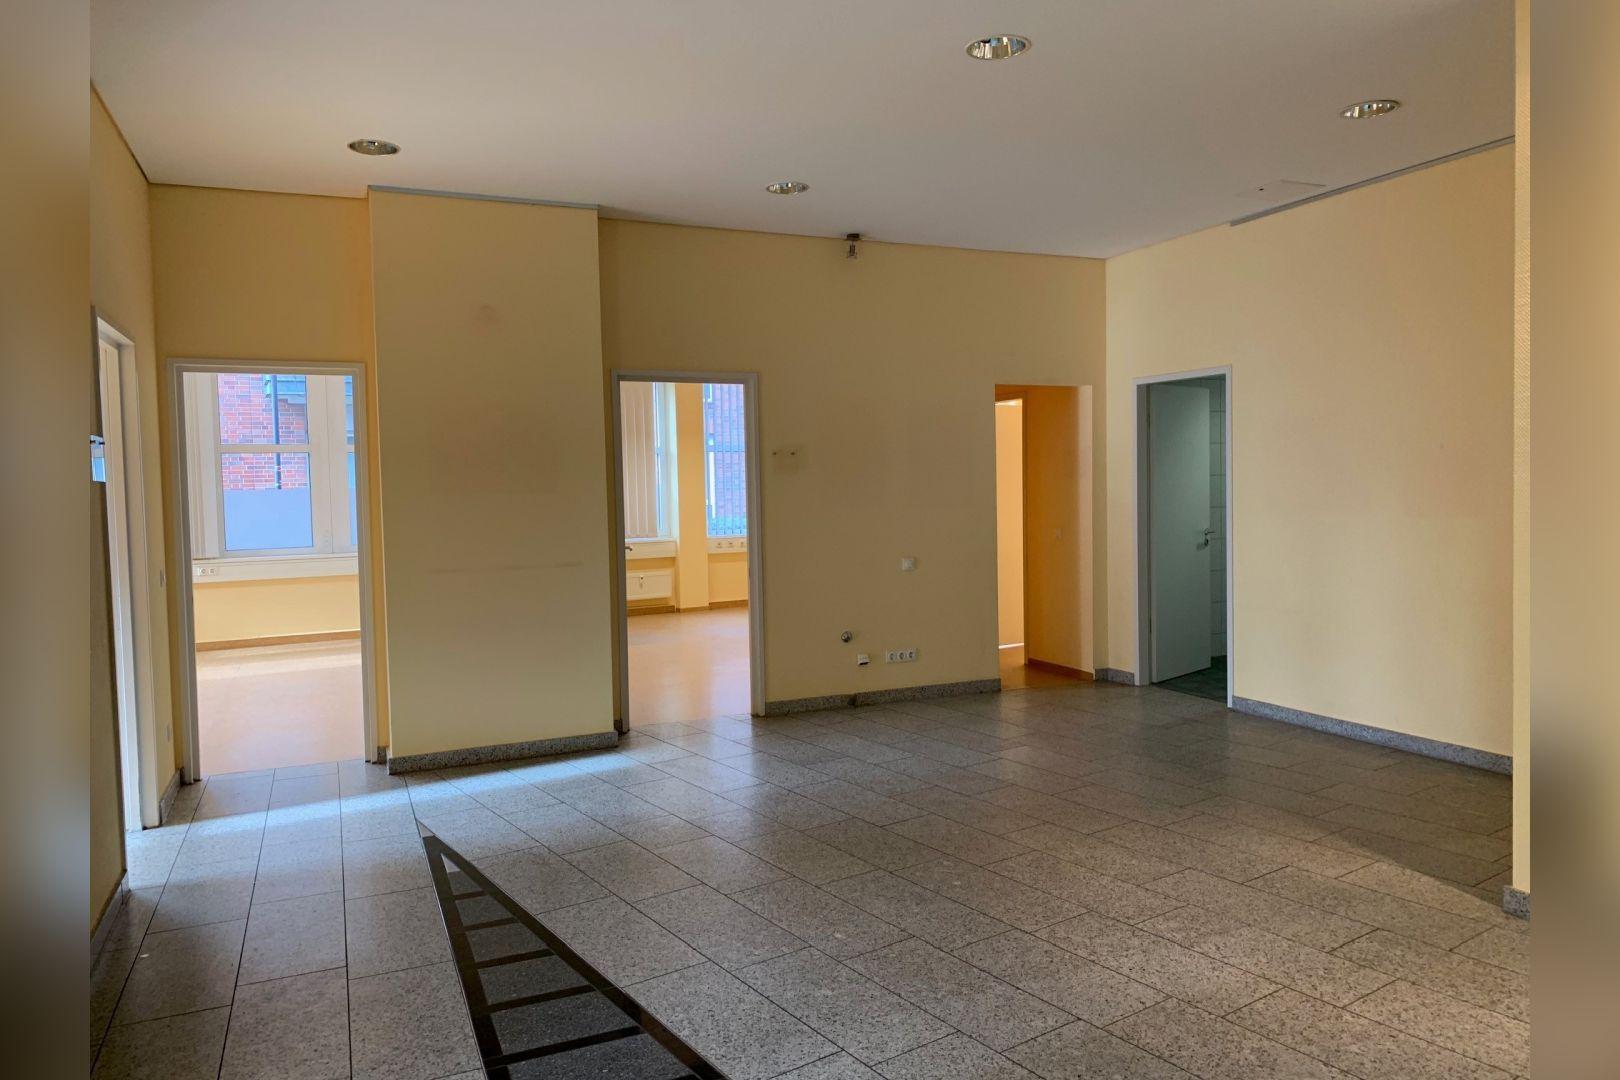 Immobilie Nr.112 - Büro- oder Praxisfläche für Dienstleistung, Medizin, Verwaltung  - Bild 10.jpg